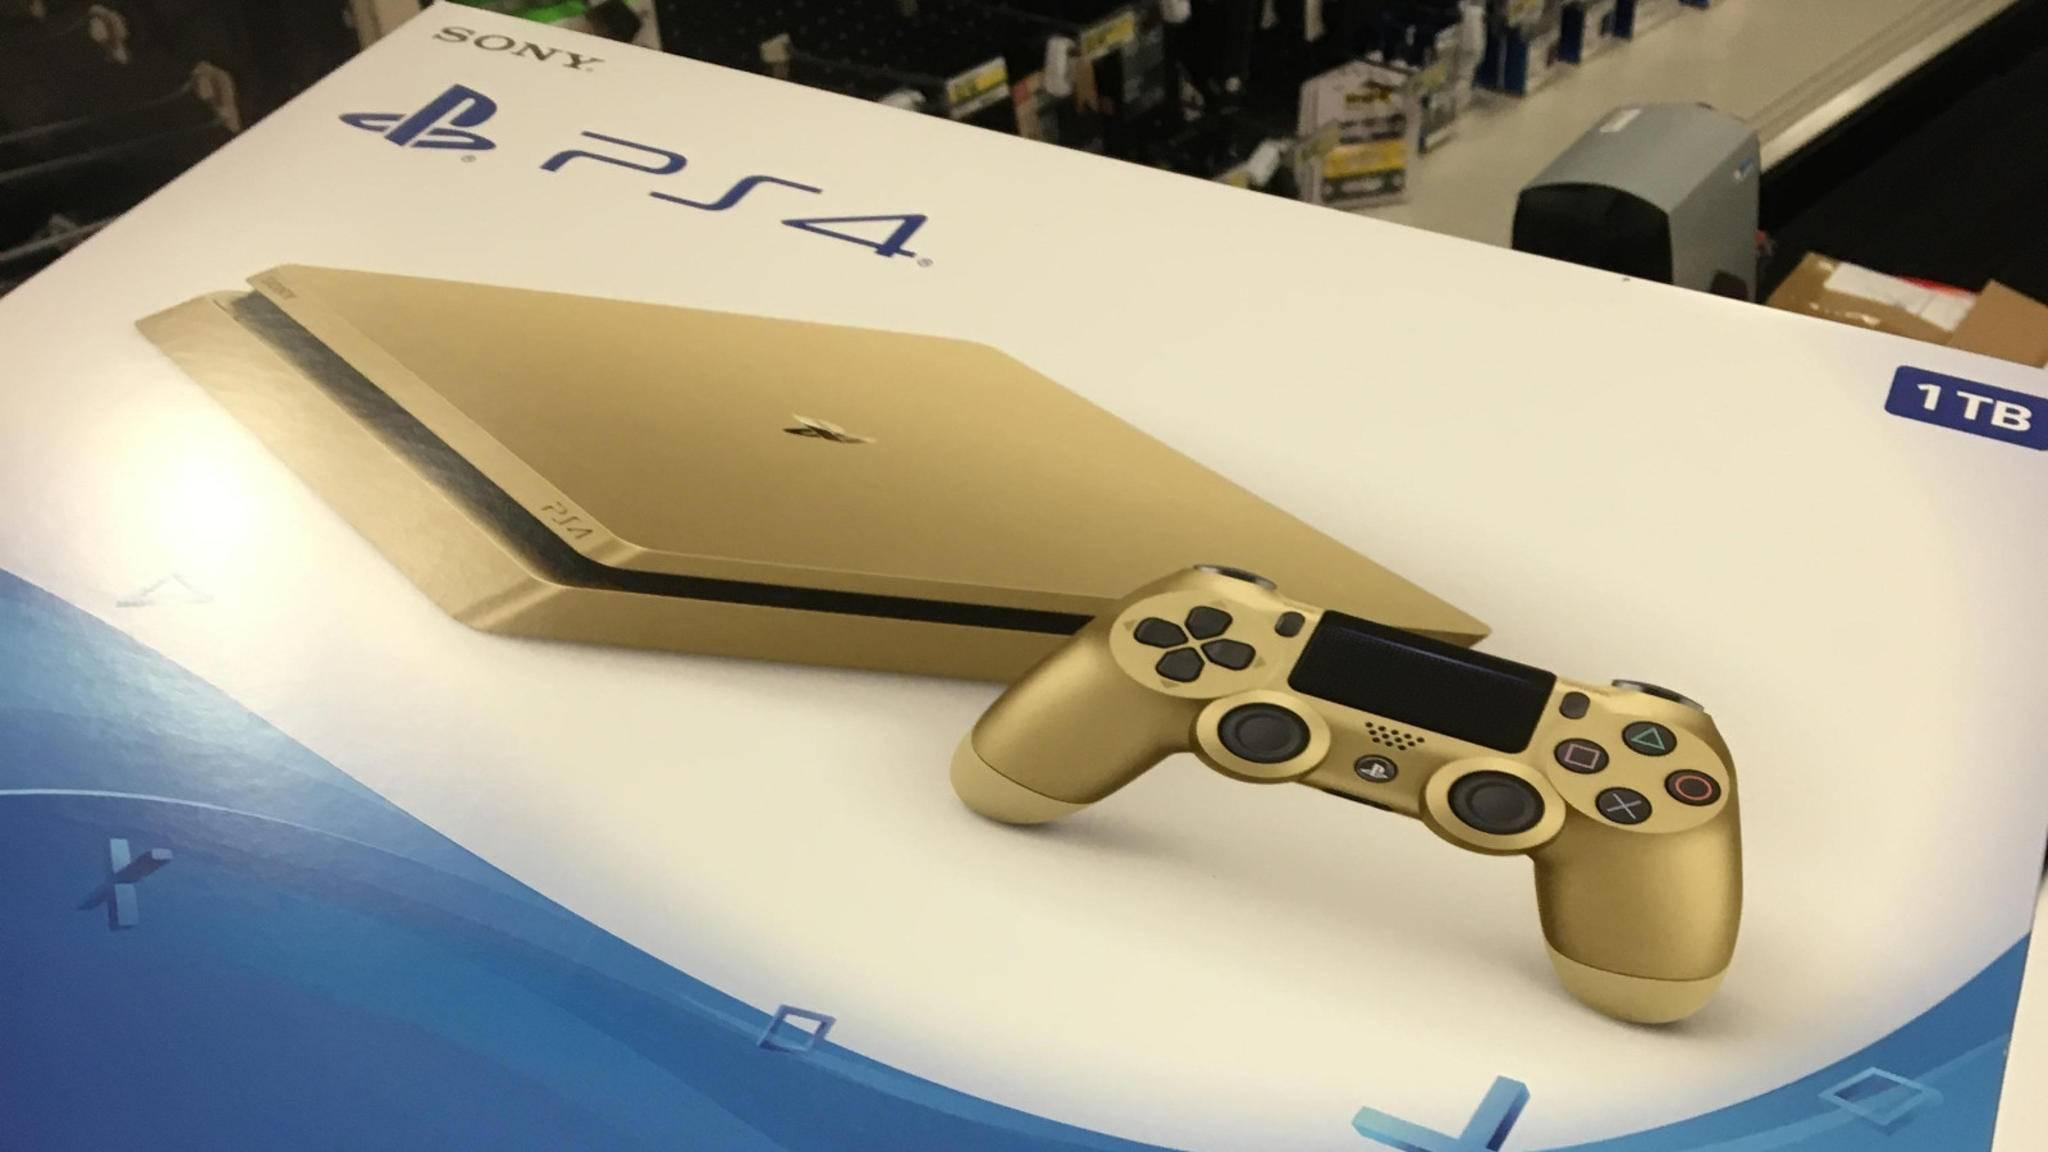 Offiziell gibt es diese goldene PS4 noch nicht im Handel. Fotos kursieren trotzdem schon.